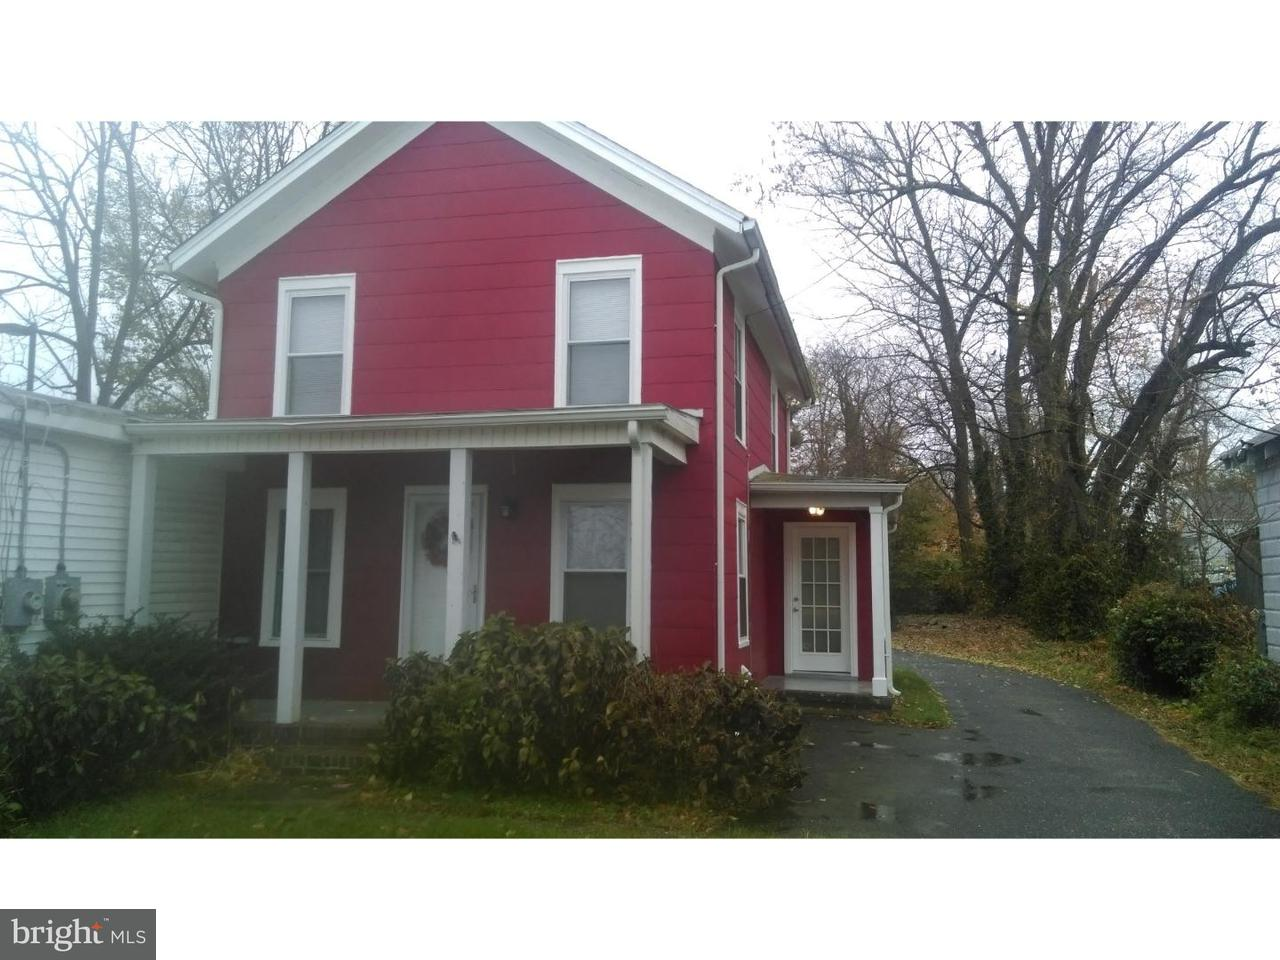 Casa unifamiliar adosada (Townhouse) por un Alquiler en 12B S WEST BLVD #12B Newfield, Nueva Jersey 08344 Estados Unidos